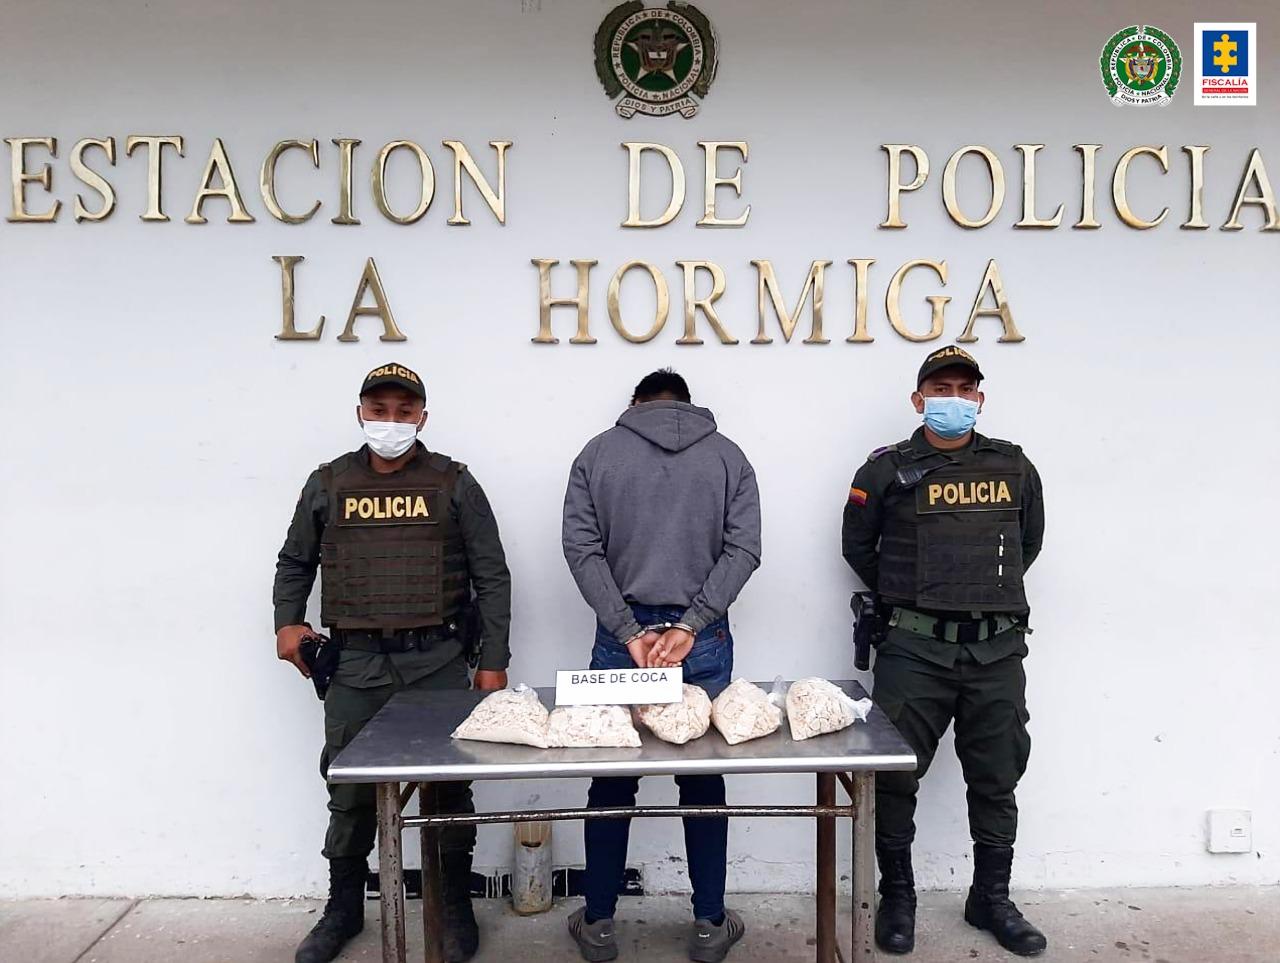 Aseguradas cinco personas por porte de estupefacientes - Noticias de Colombia